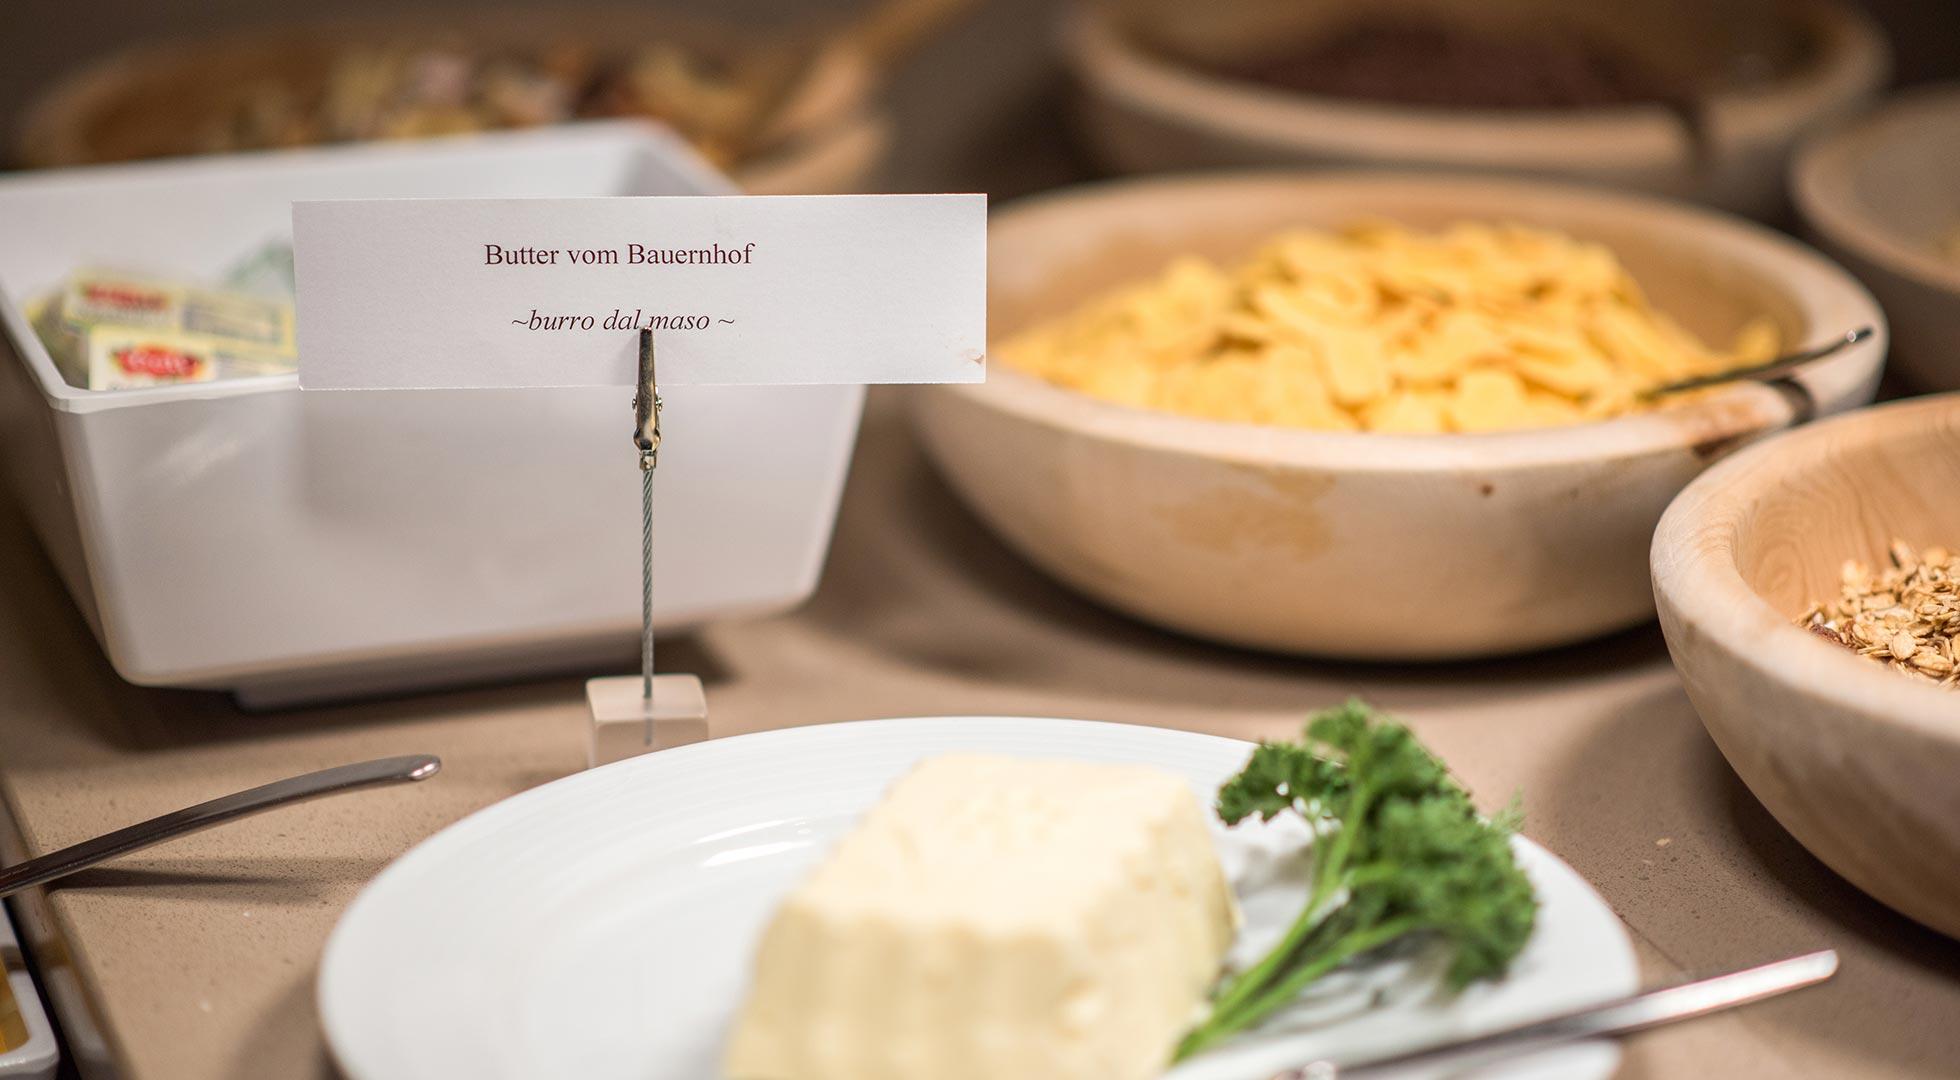 Hotel con mezza pensione a san martino in badia cucina for Hotel amati riccione prezzi